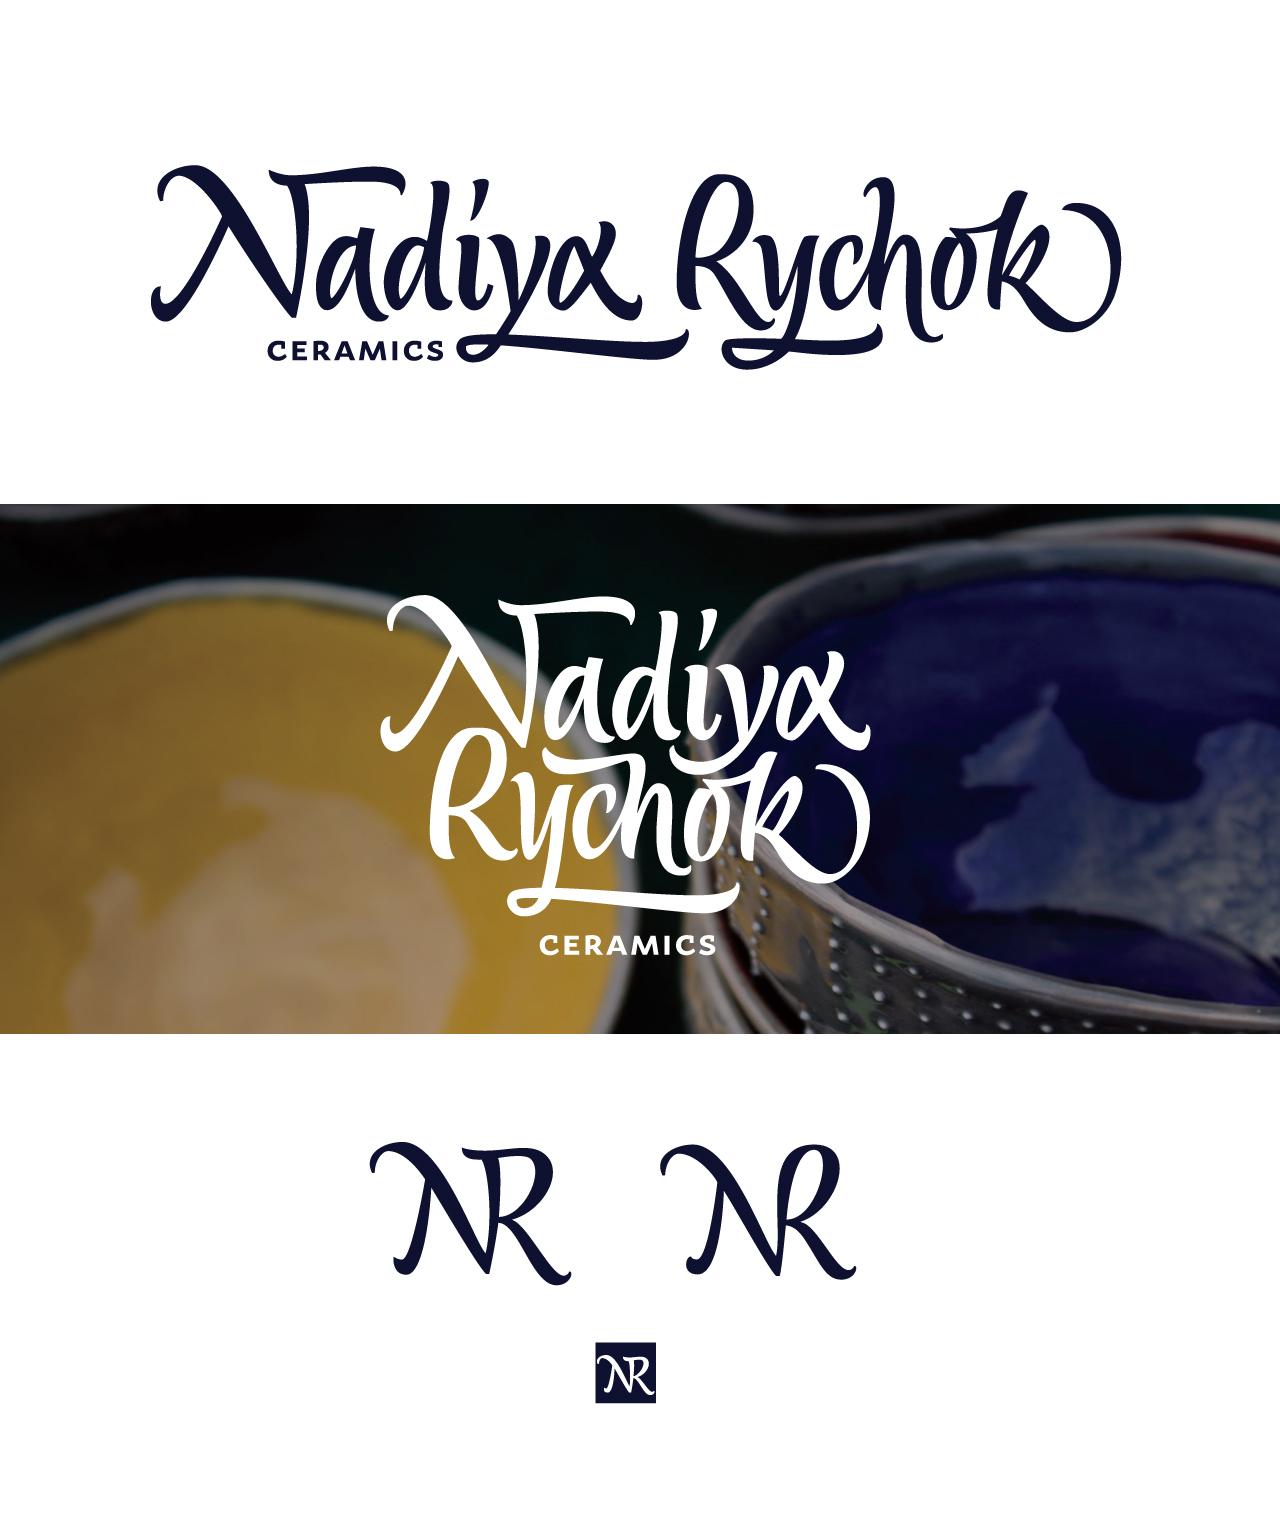 logo_Nadiya_Rychok